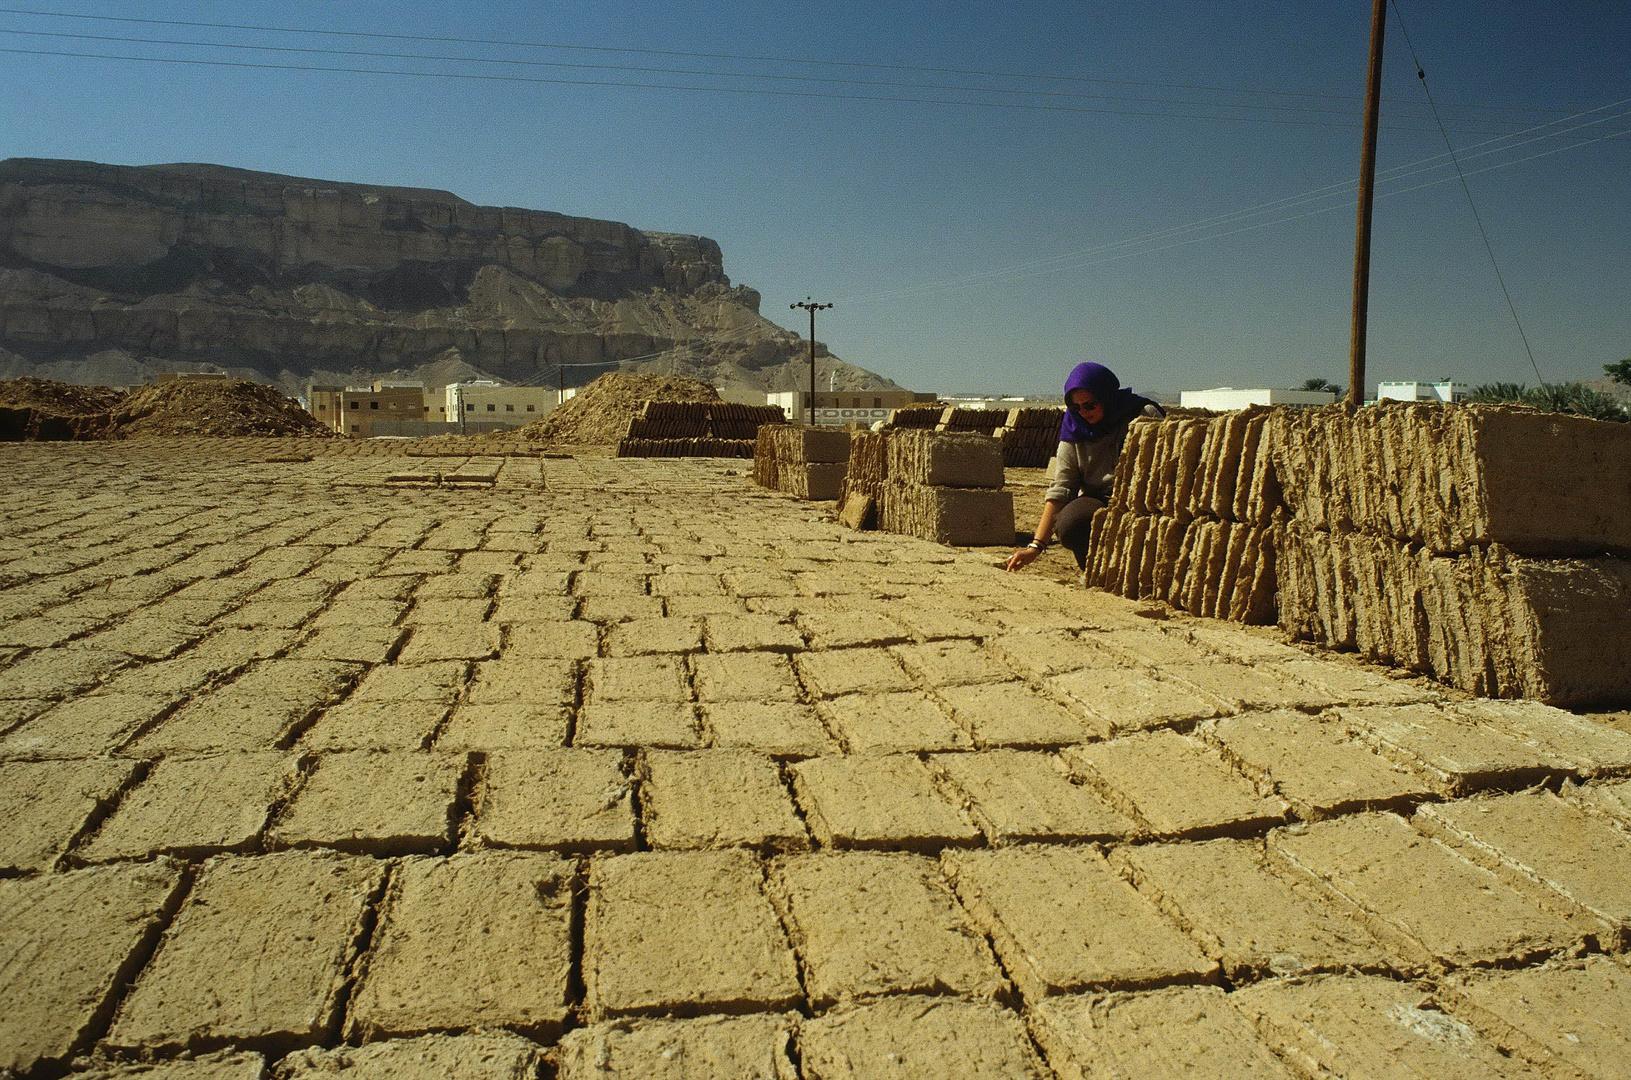 Jemen - Lehmziegel